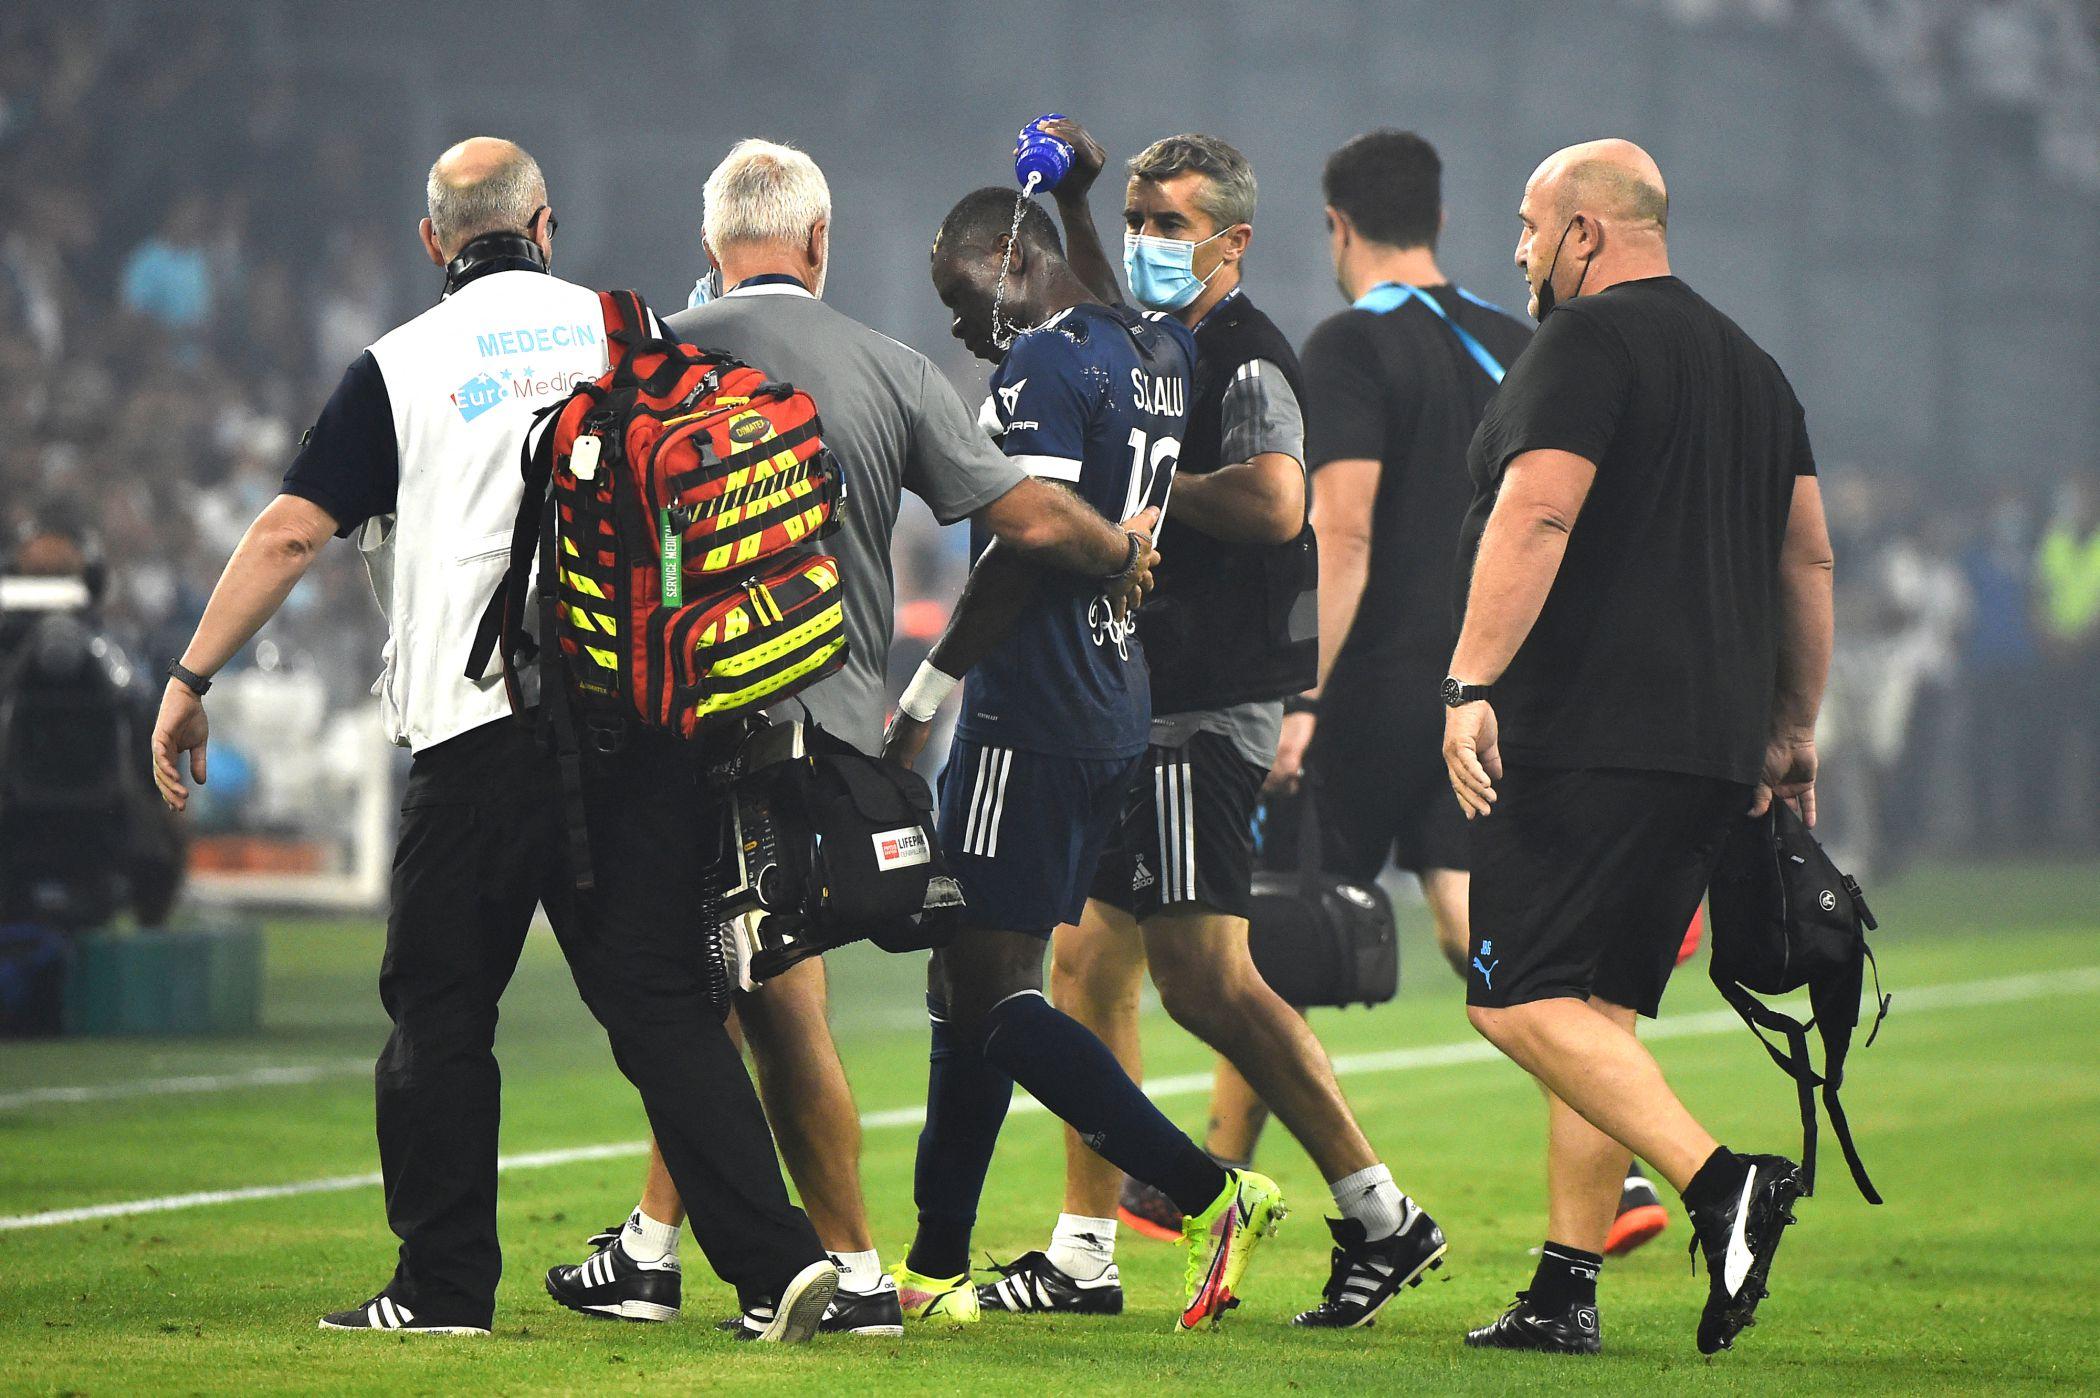 Futebol: Jogador do Bordéus colapsa no relvado e provoca enorme susto